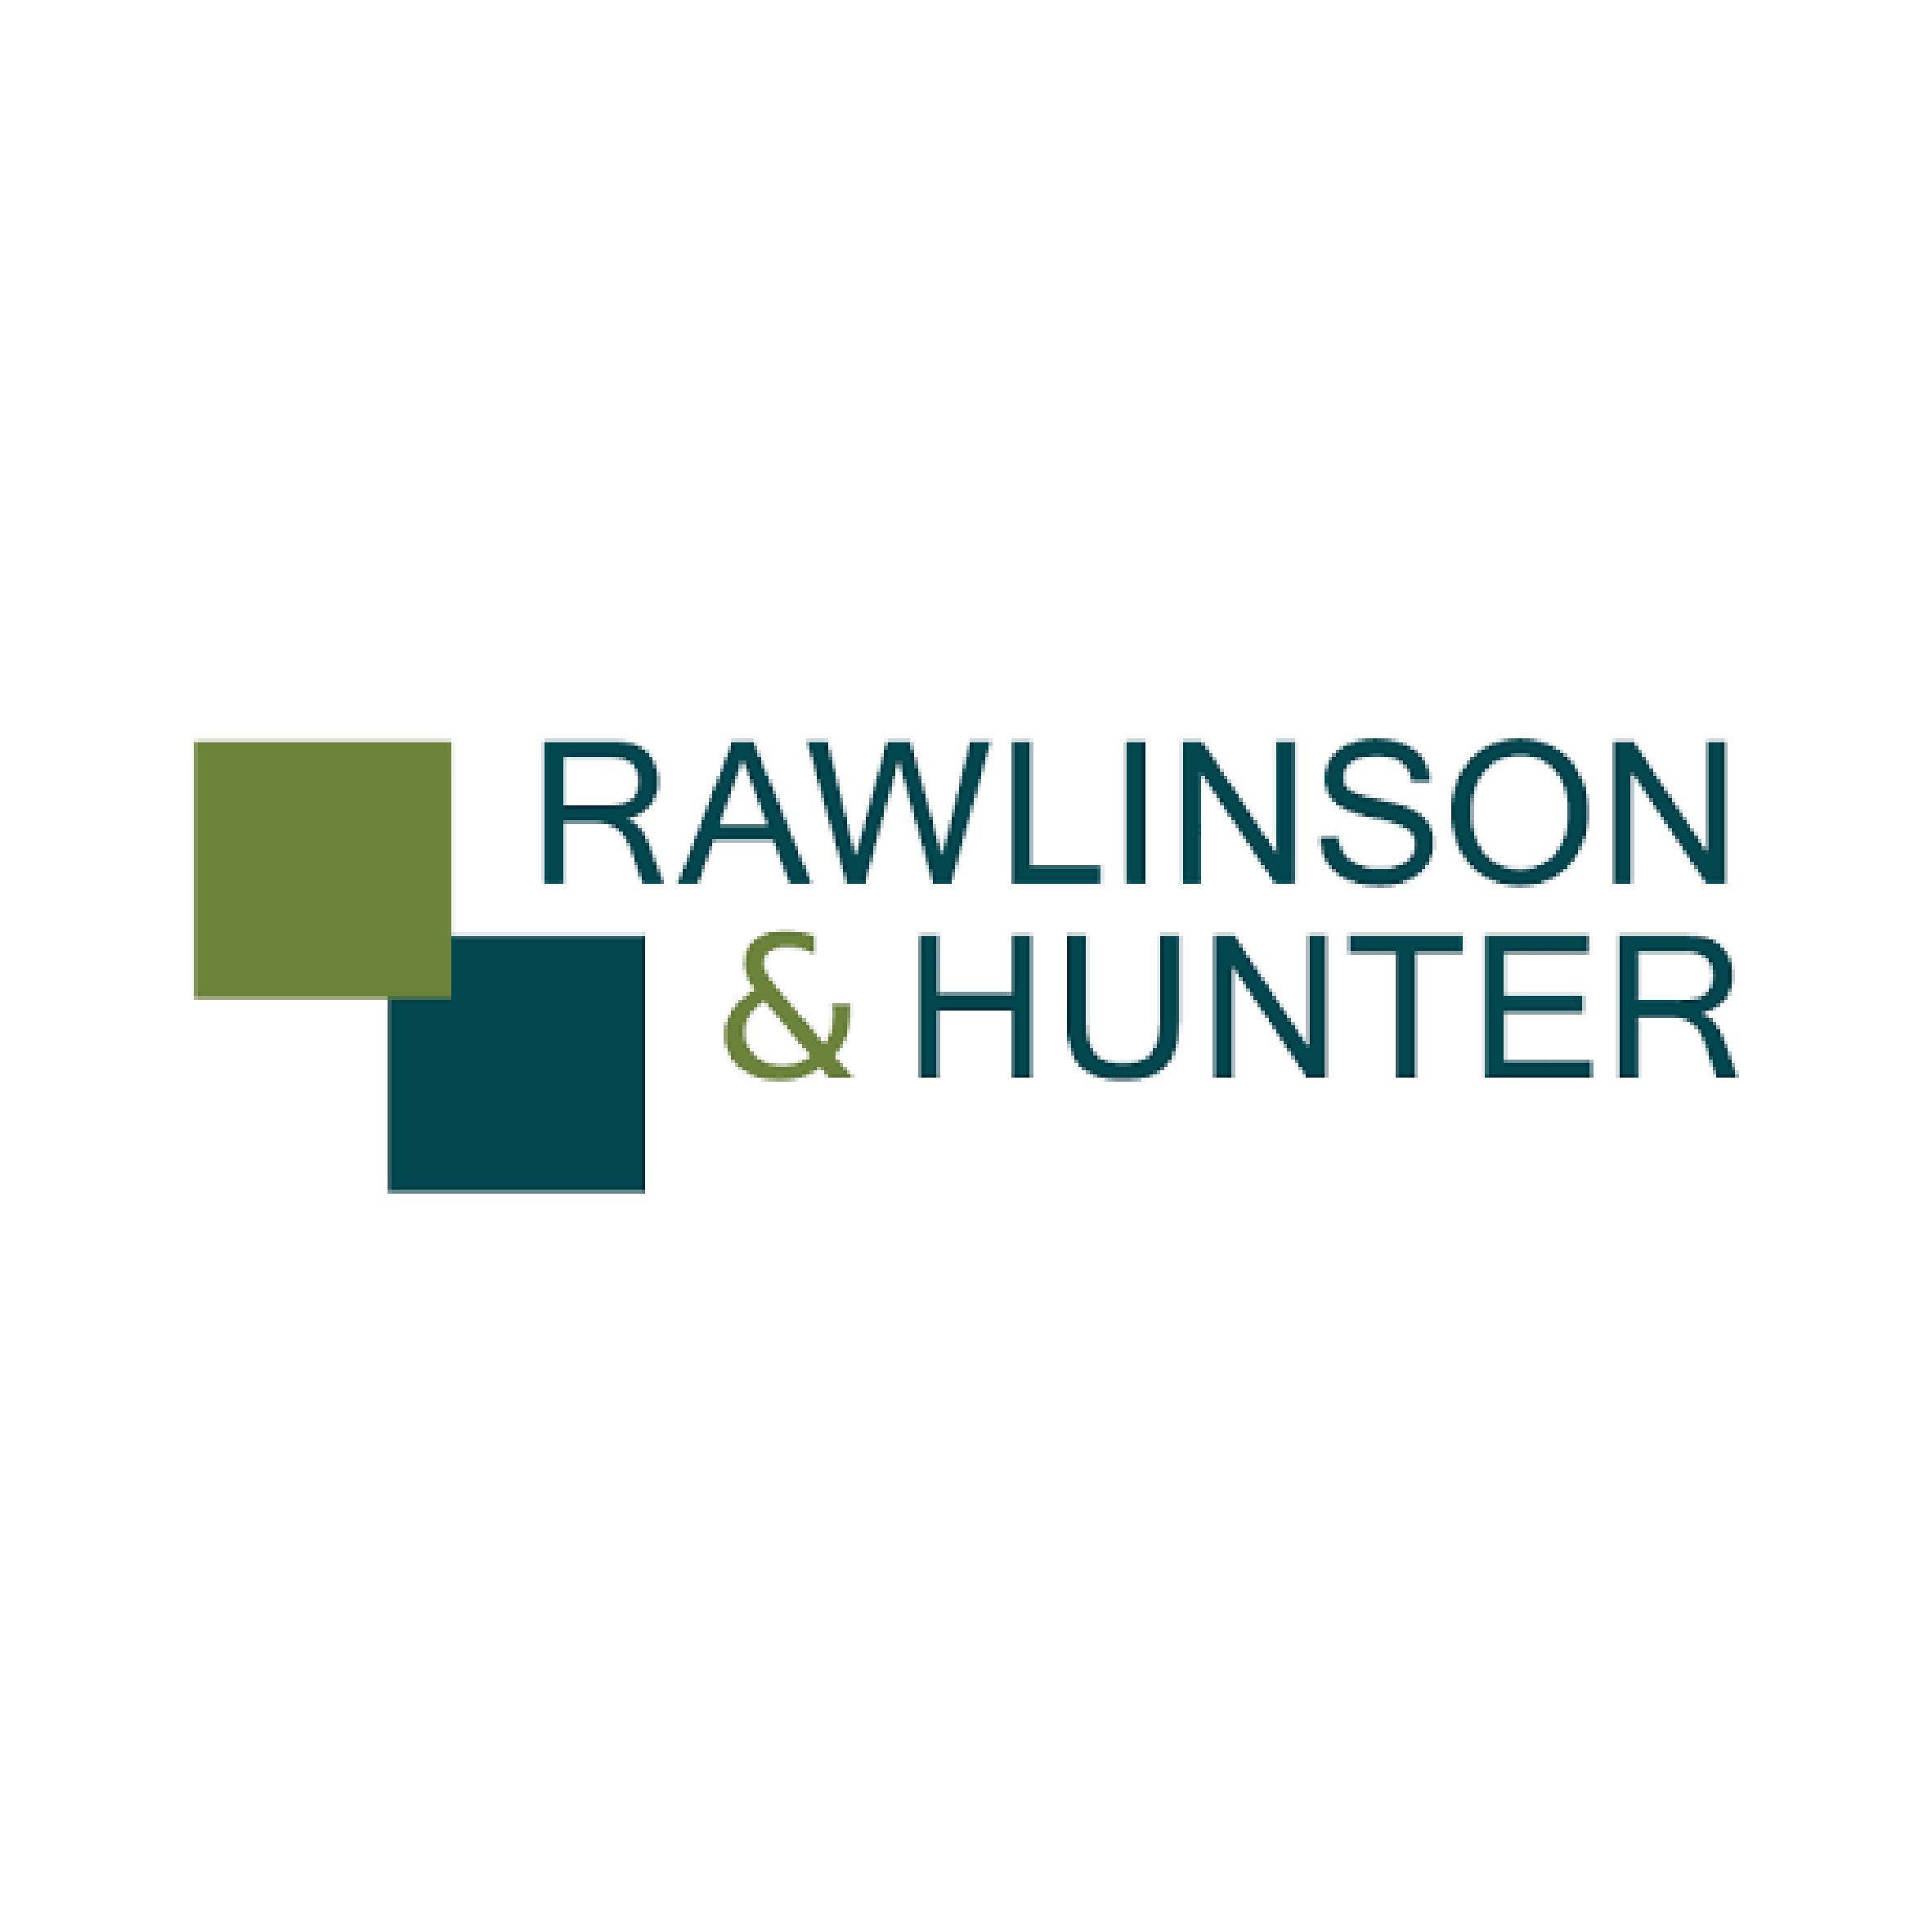 Rawlinson and Hunter logo.